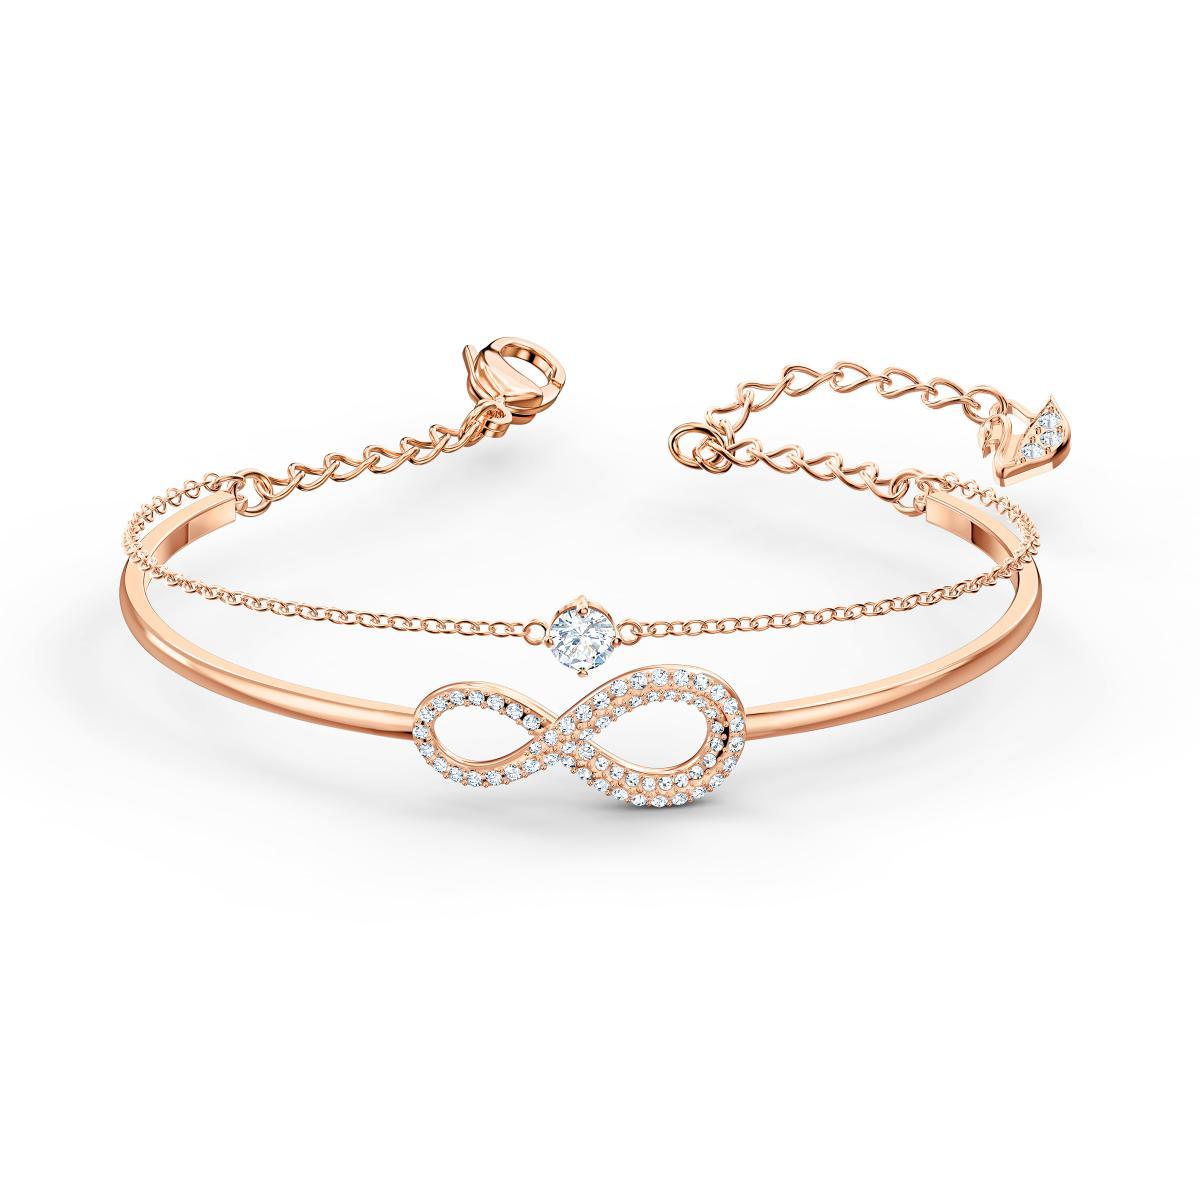 Bracelet Swarovski 5518871 - Bracelet or doré infini Femme